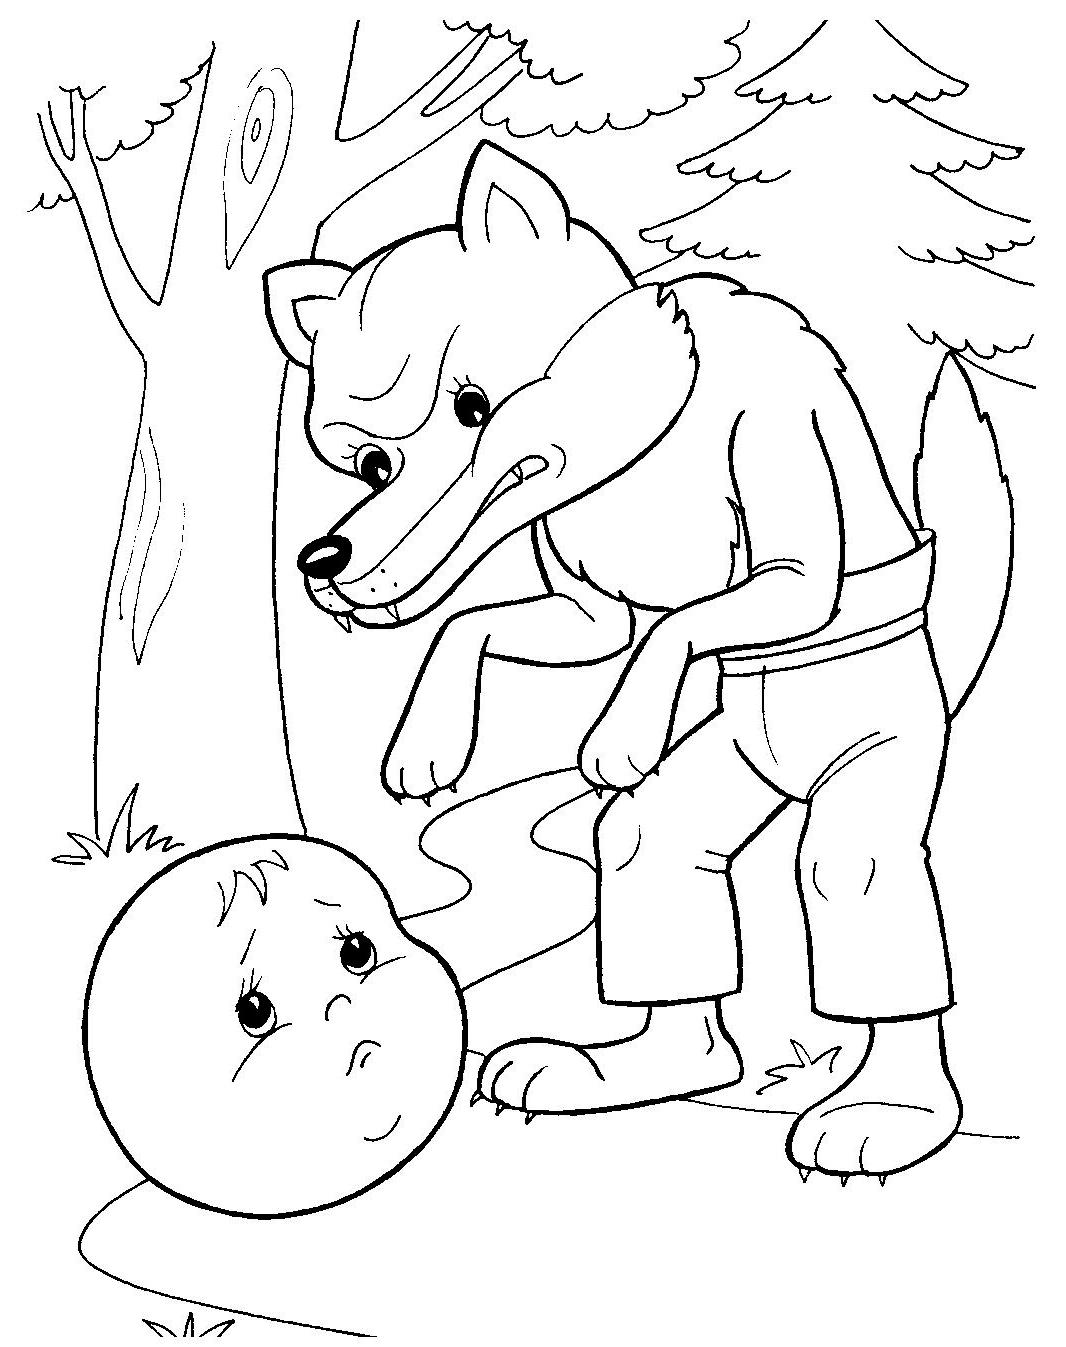 Раскрашивая картинки к сказке колобок, ребенок сможет еще раз пережить приключения главного героя и оживить ее персонажей с помощью виртуальных красок и карандашей.